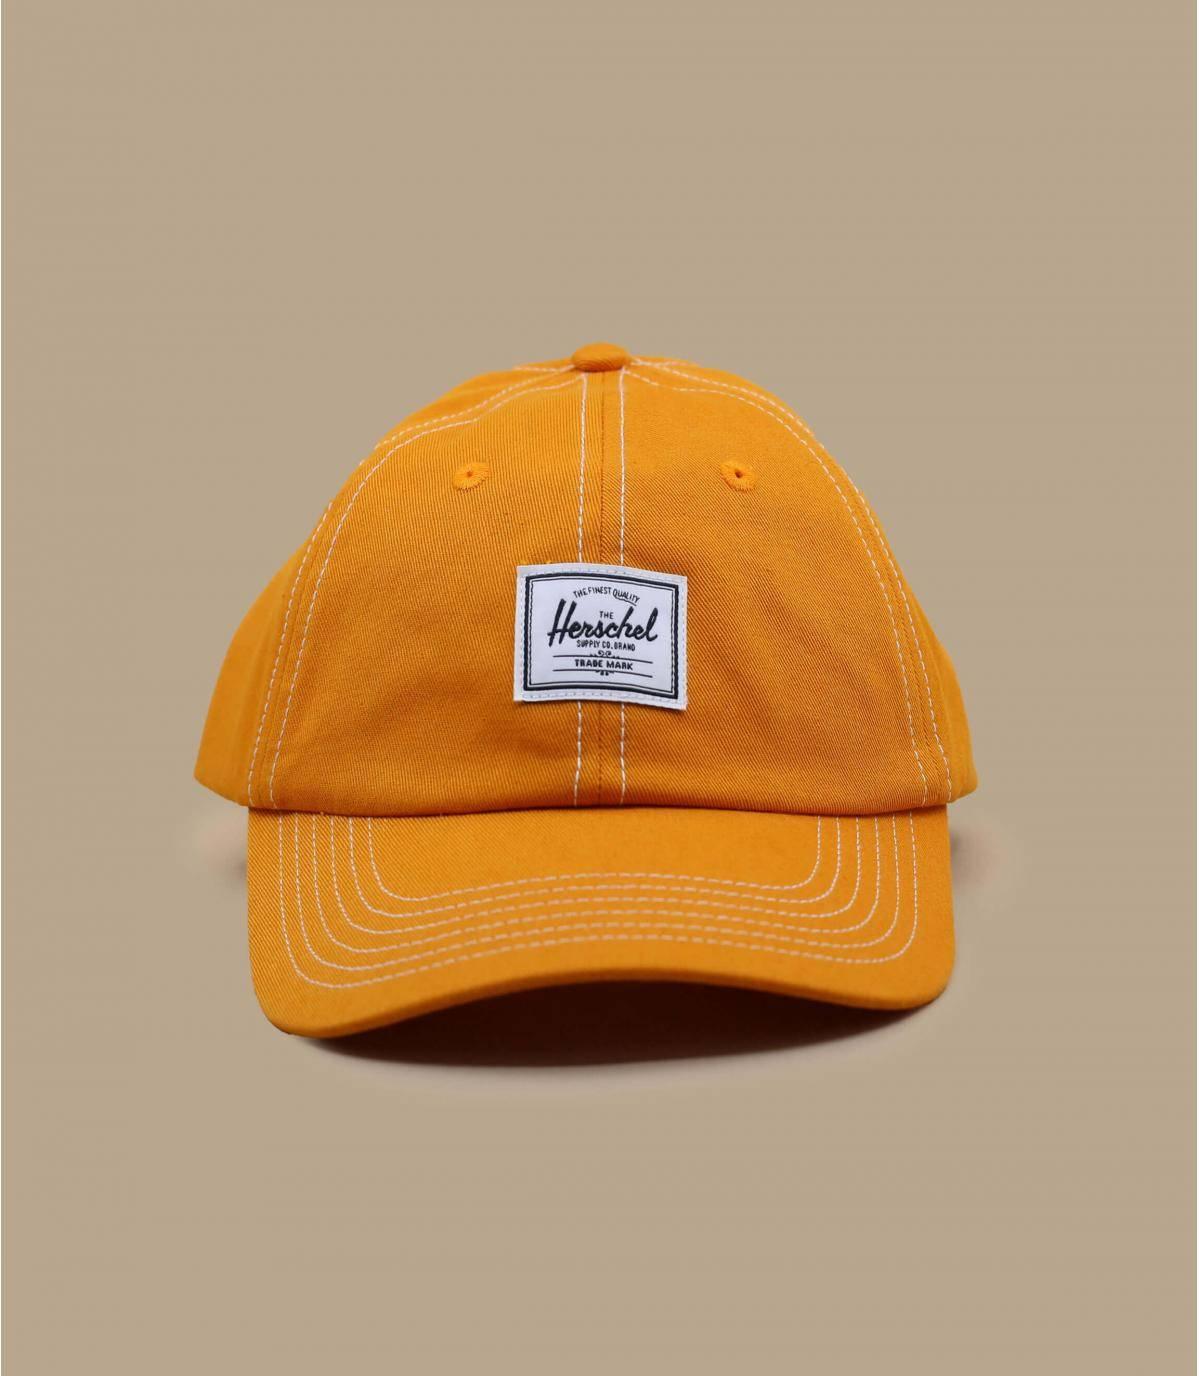 Gorra Herschel amarilla